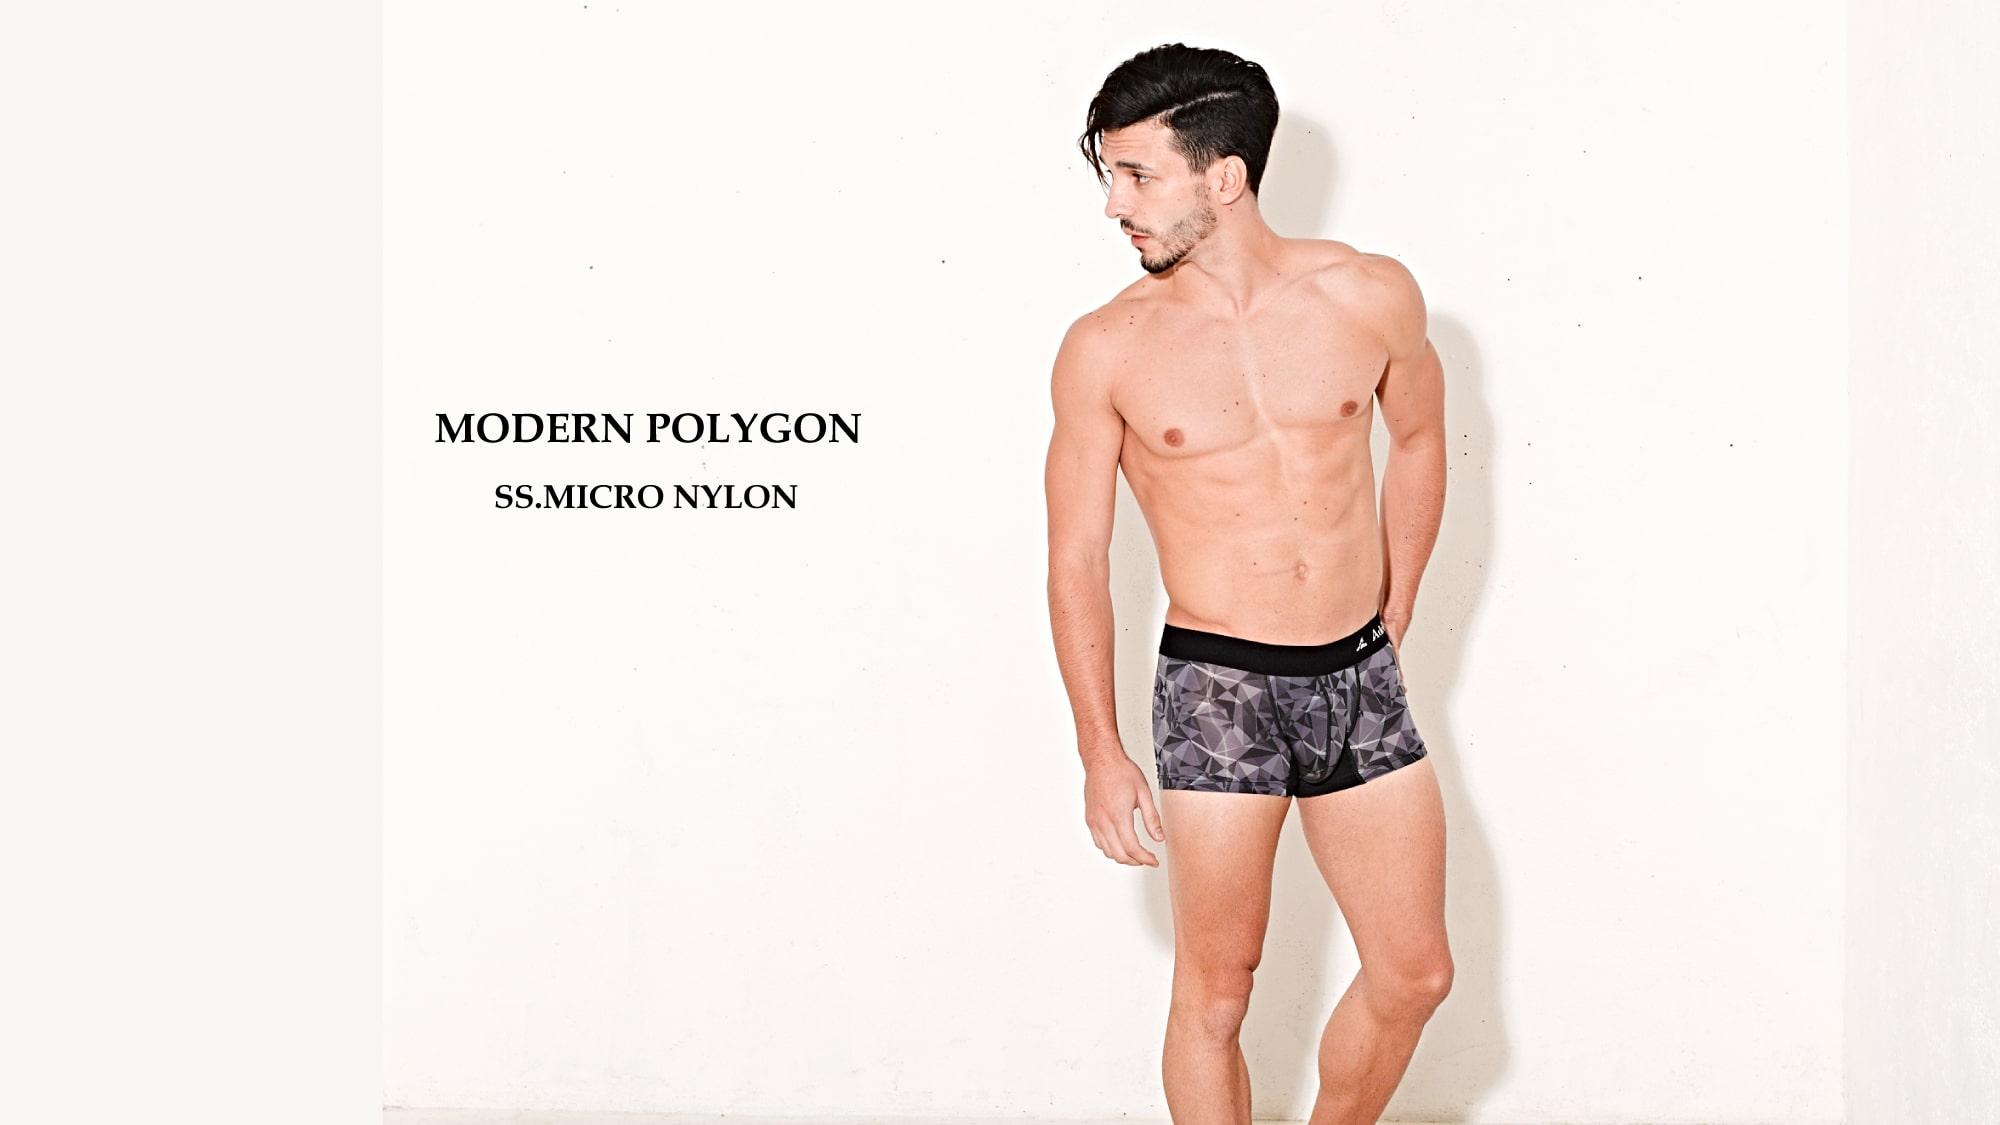 MODERN POLYGON | おしゃれでおすすめ 日本製 男性下着 高級メンズボクサーパンツブランド、Adelbelz(アデルベルツ)公式通販